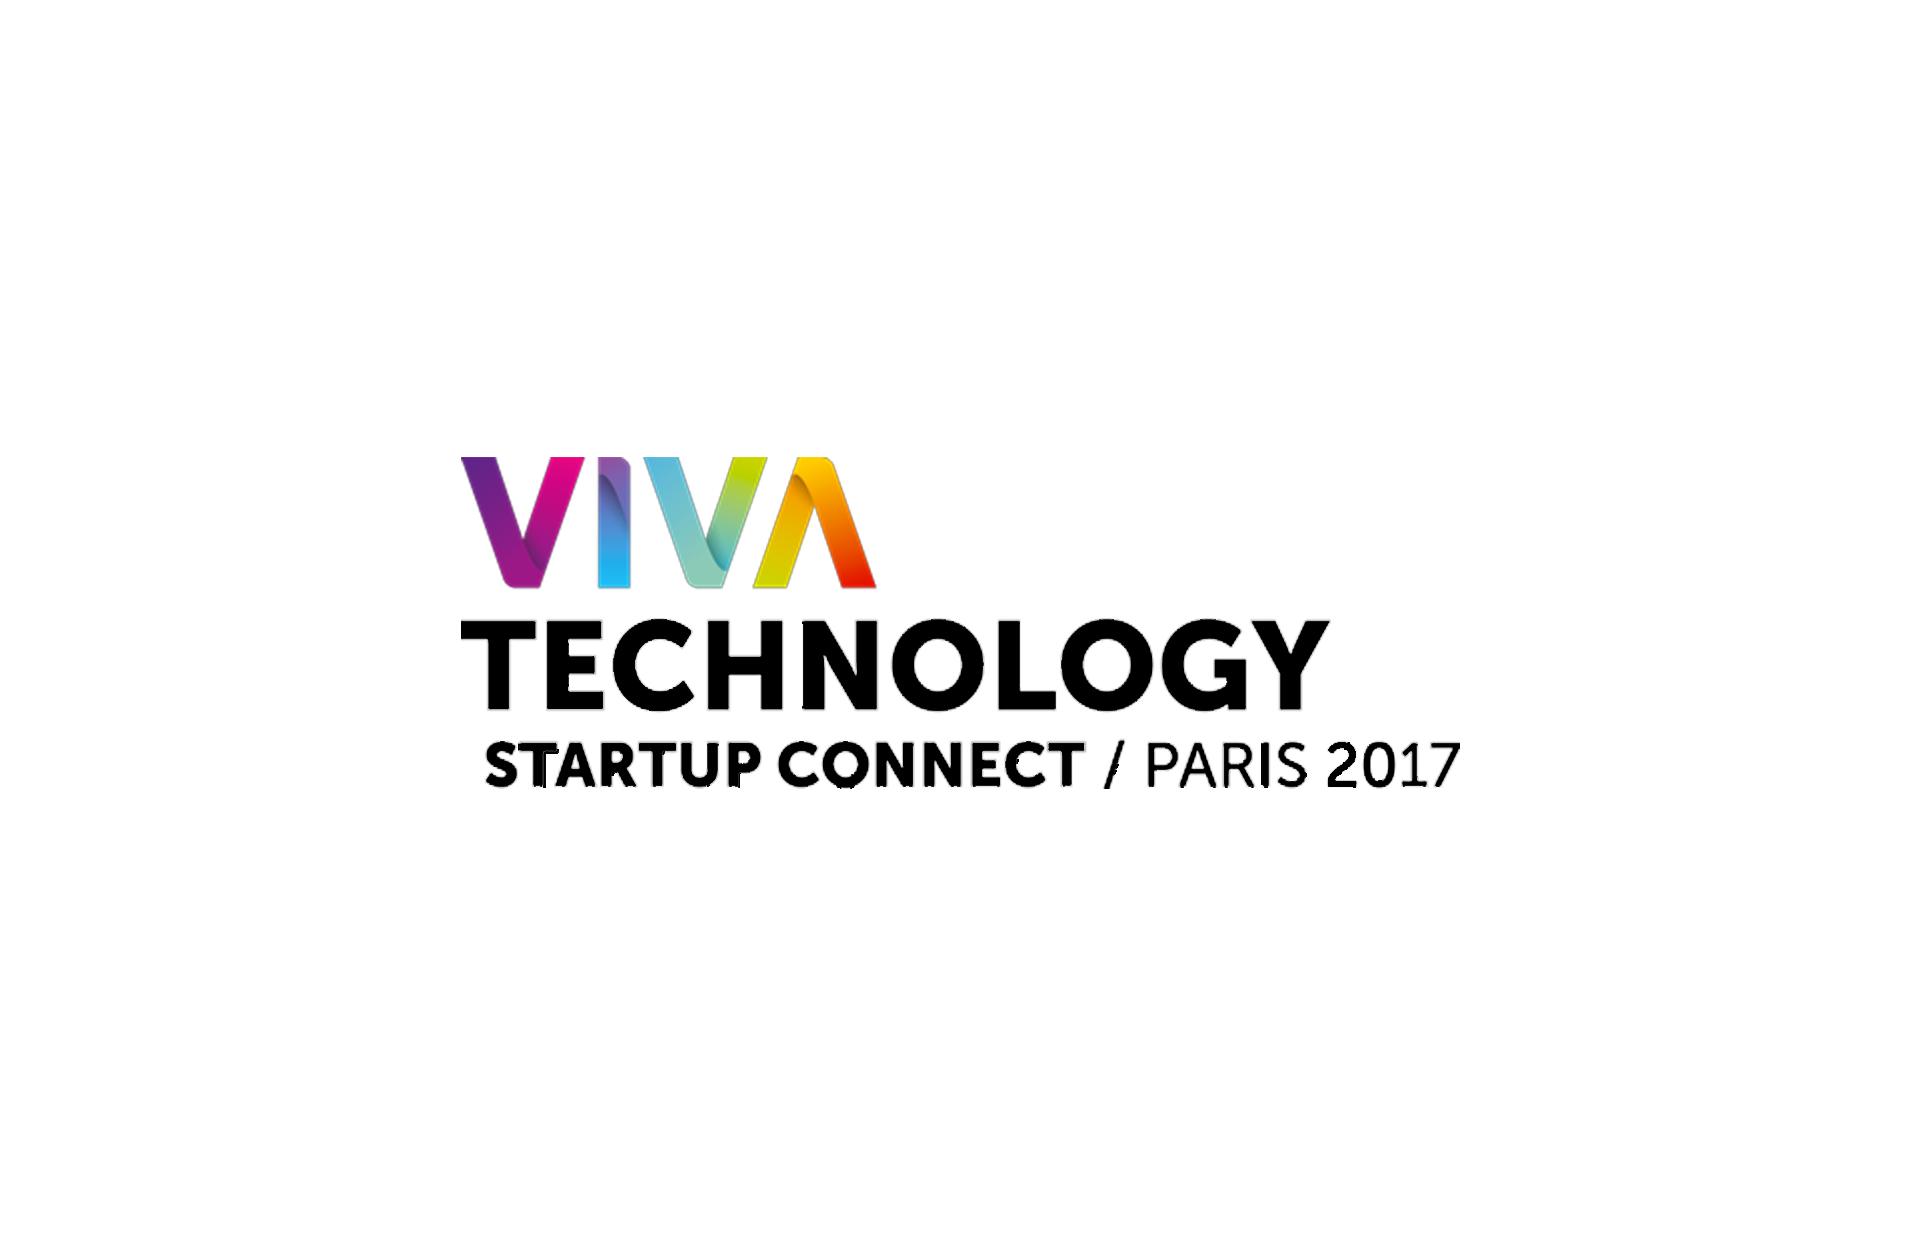 Vivatech est l'événement où se réunissent les startups les plus innovantes et les plus grands leaders pour collaborer.